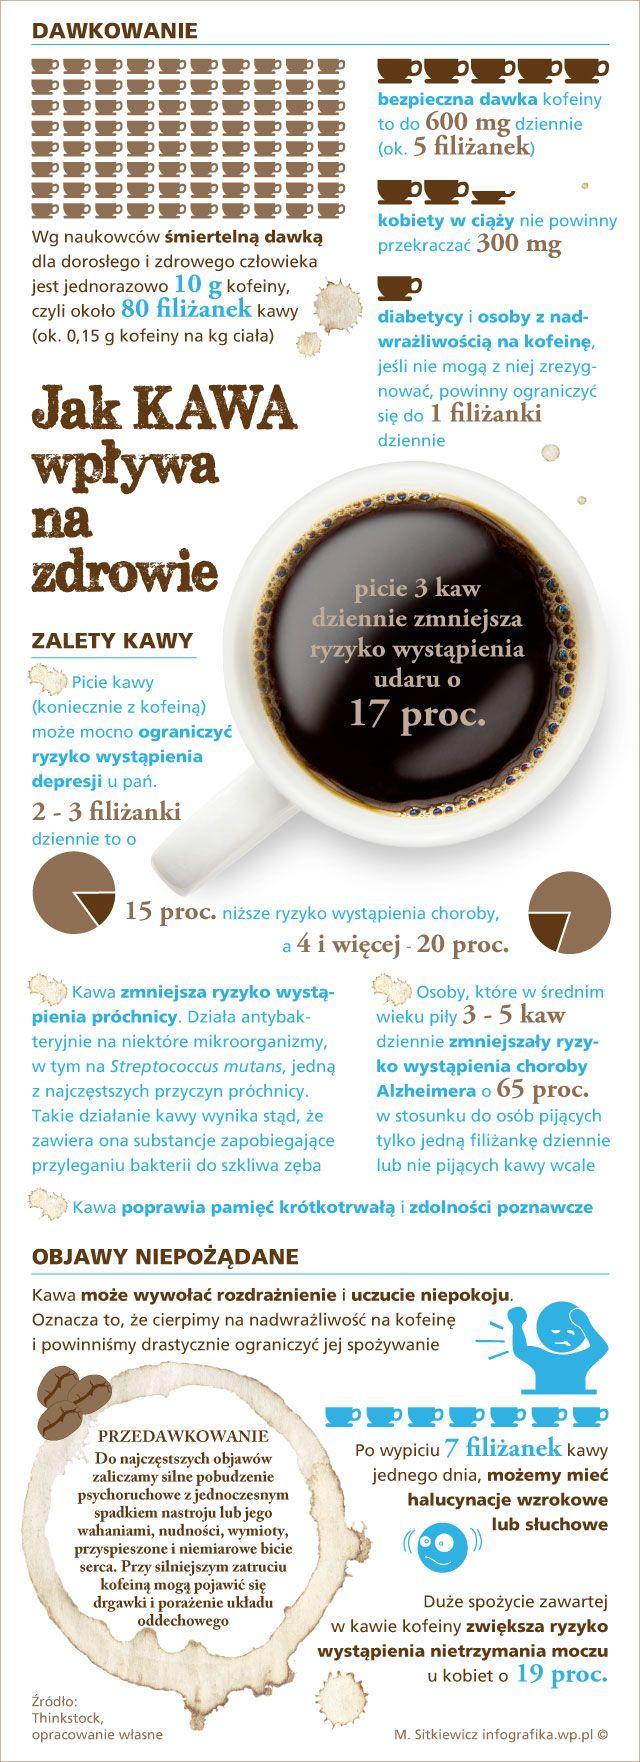 Kawa może wywołać zaburzenia psychiczne - odkrywcy.pl